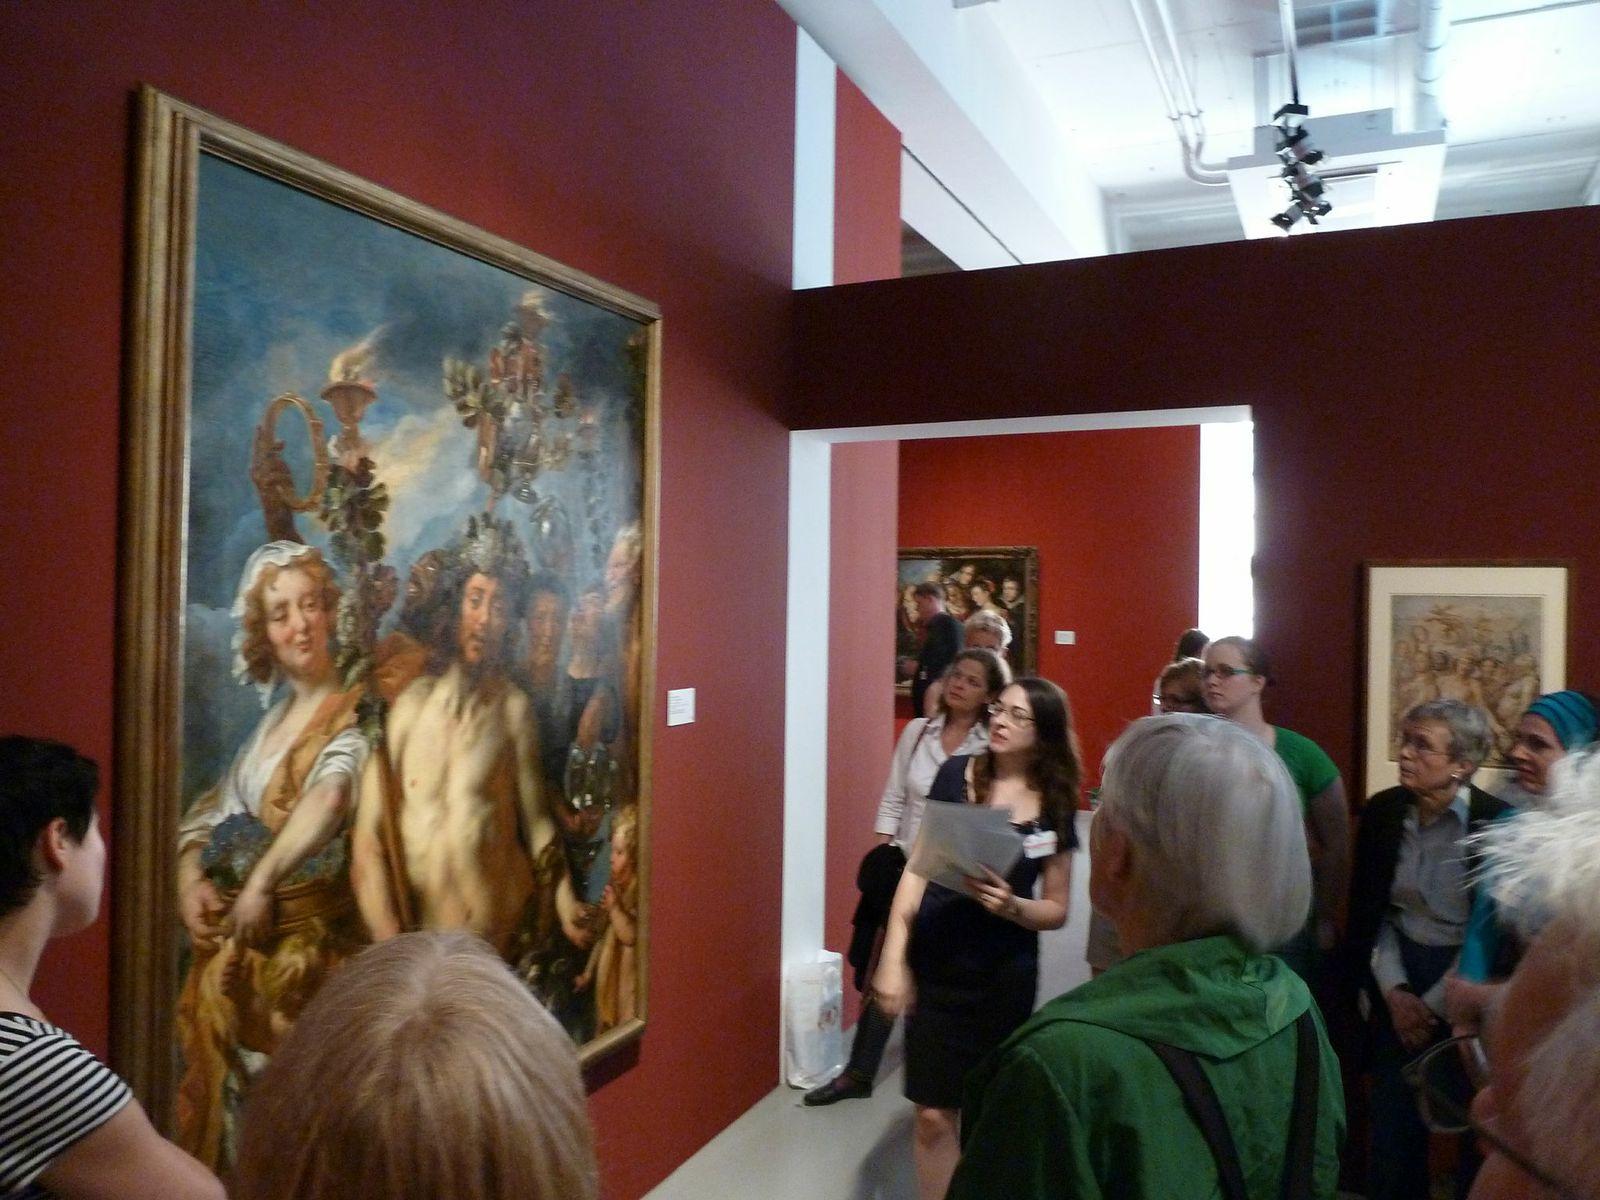 Besichtigung der Ausstellung während der Jordaens-Tagung in Kassel.